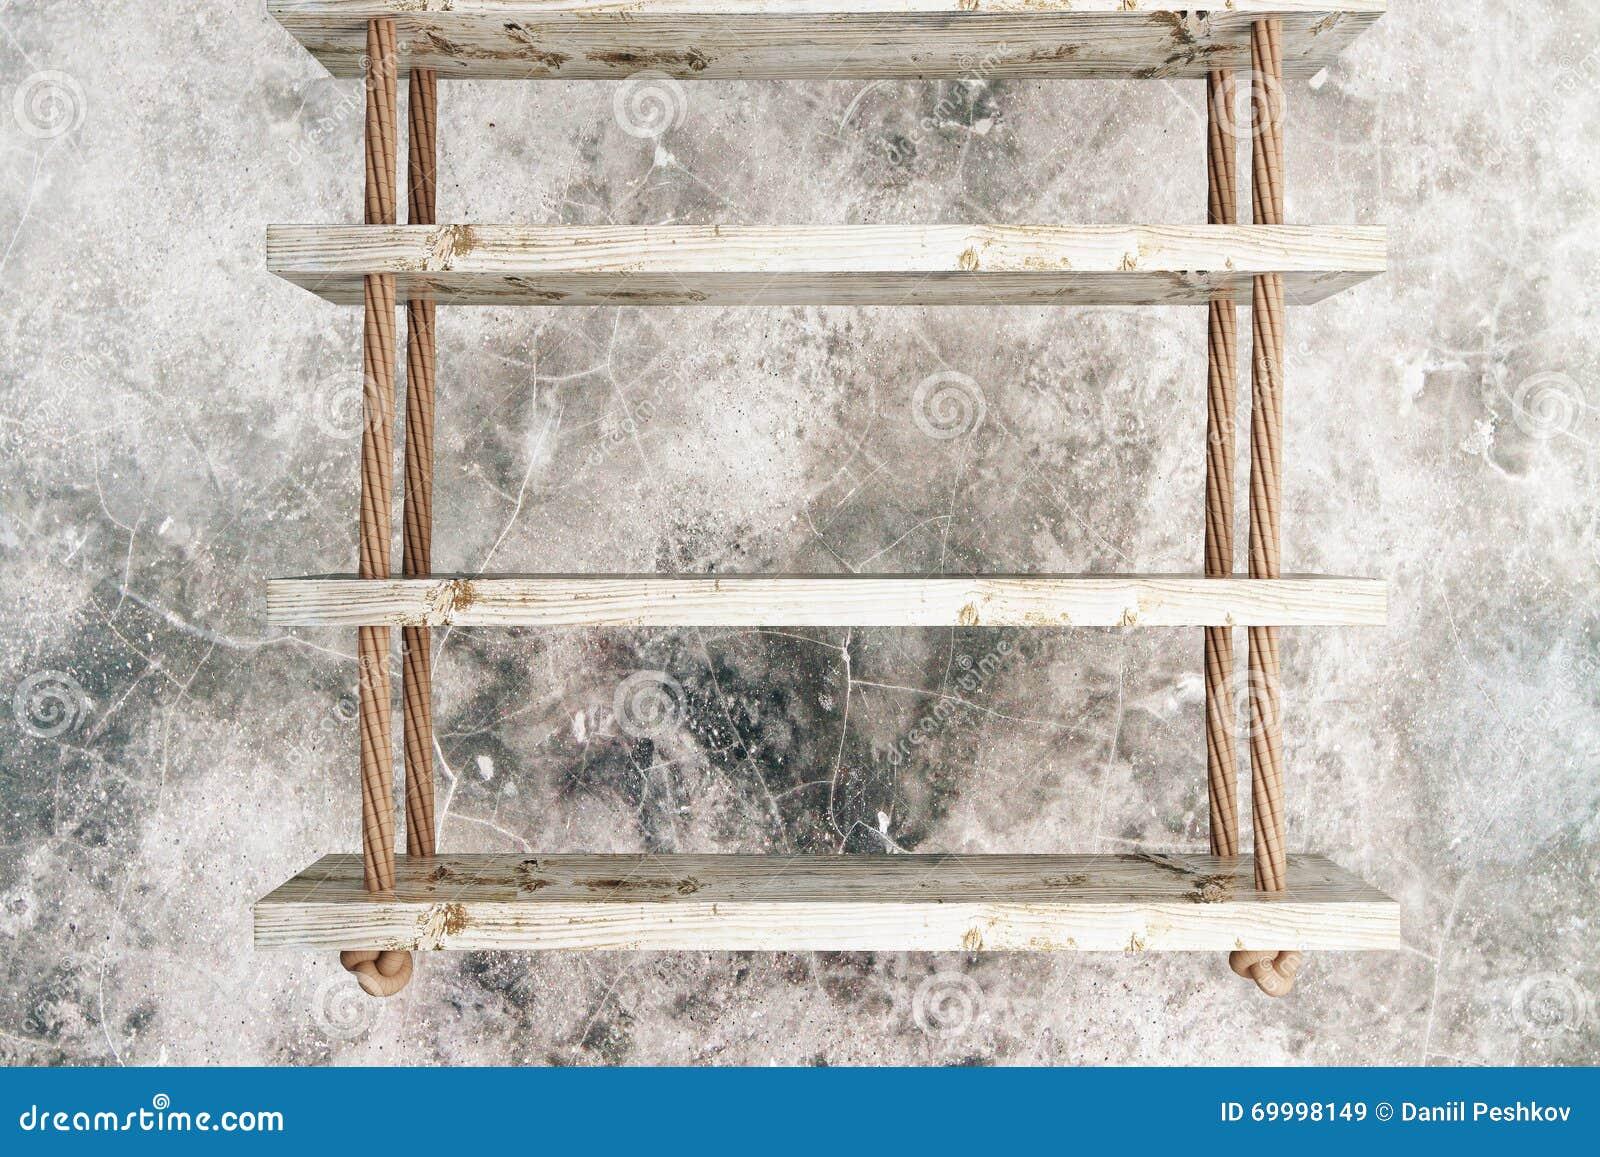 les étagères suspendues ont donné au béton une consistance rugueuse